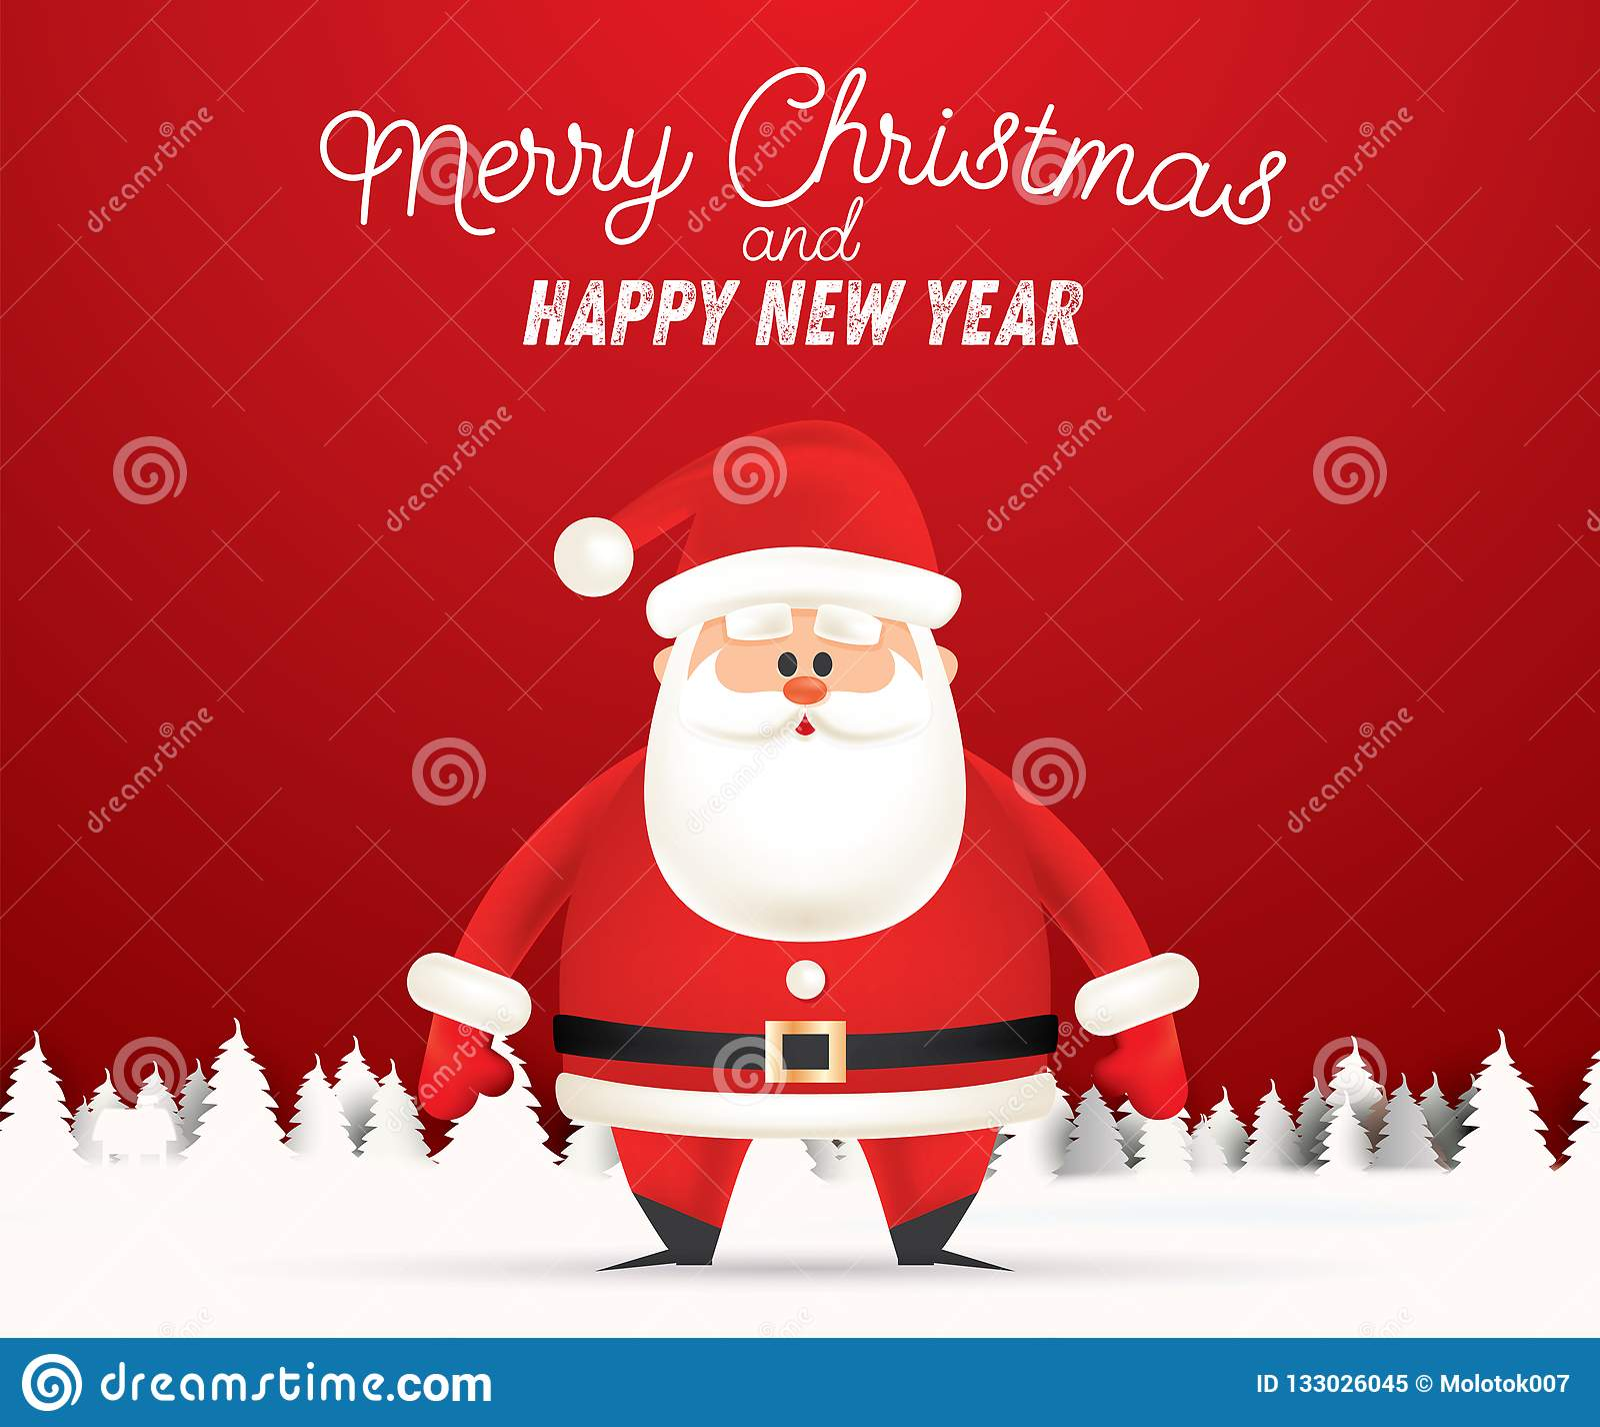 Frohe Weihnachten Grüße.Glückwunsch Gruß Feste Wald Frohe Weihnachten Und Ein Gutes Neues